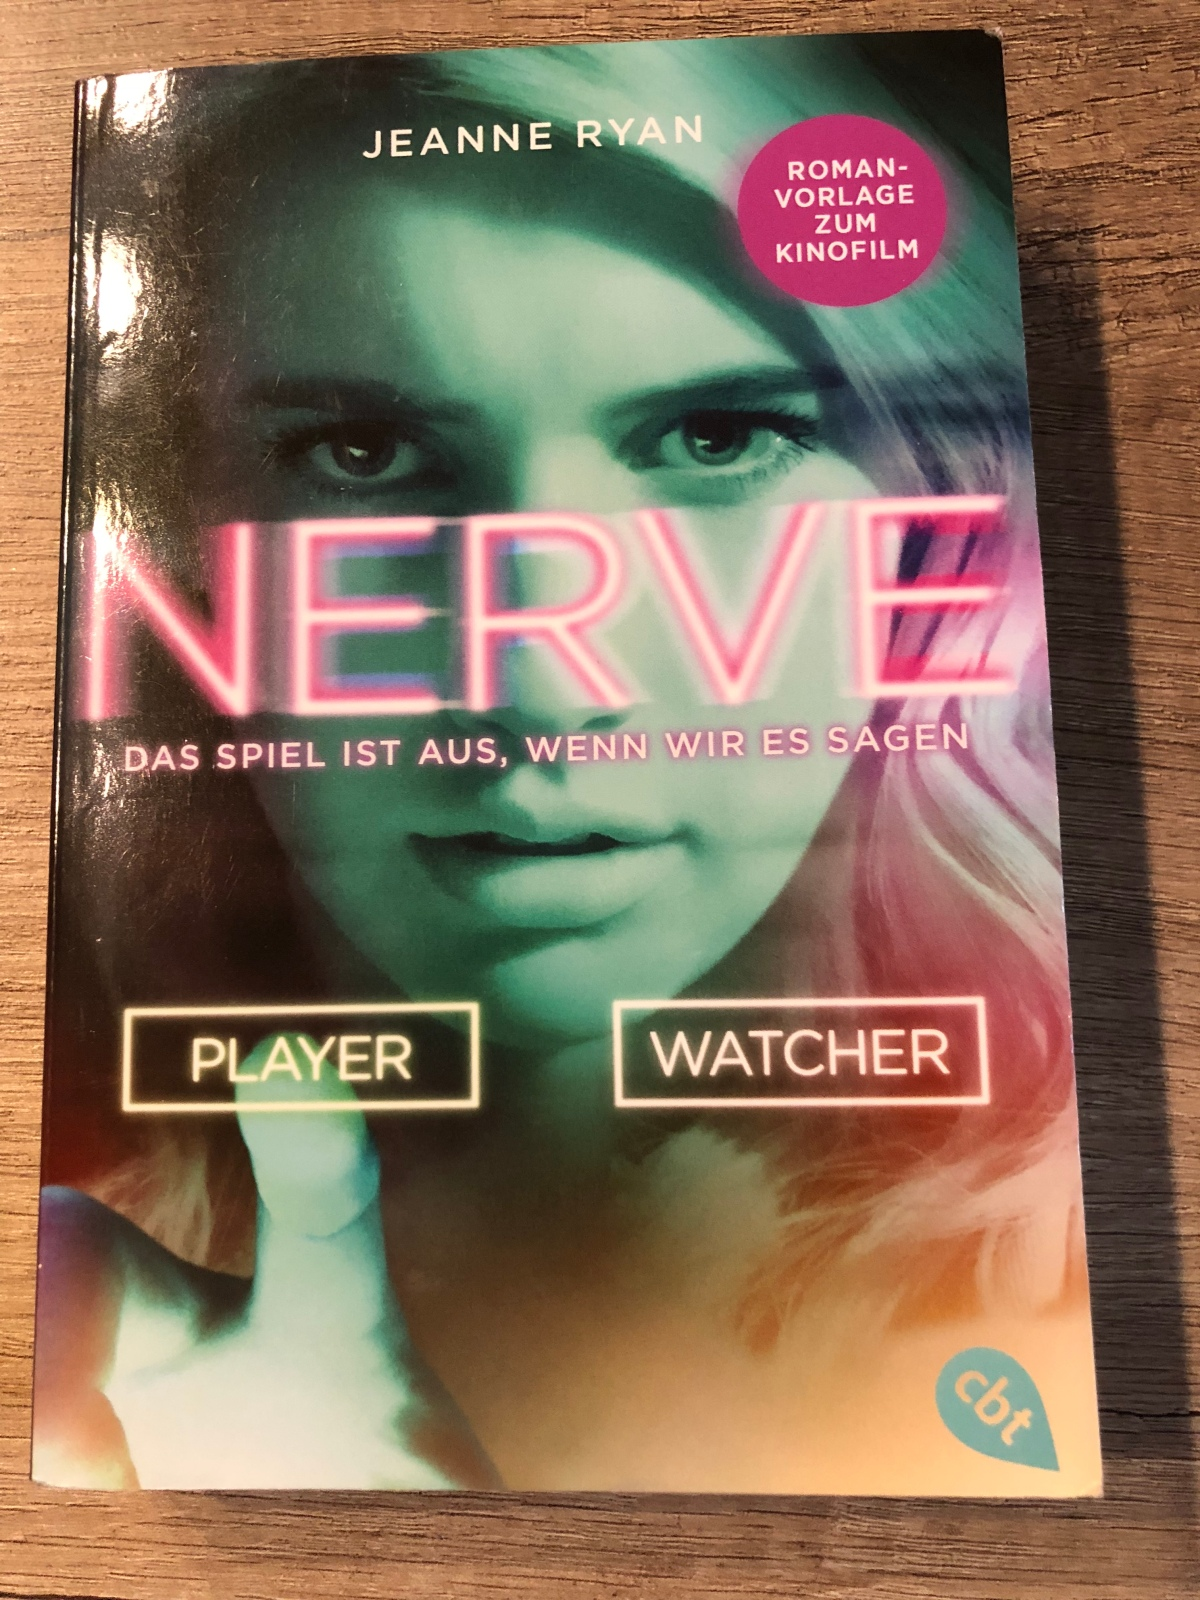 Nerve (Roman) |Review